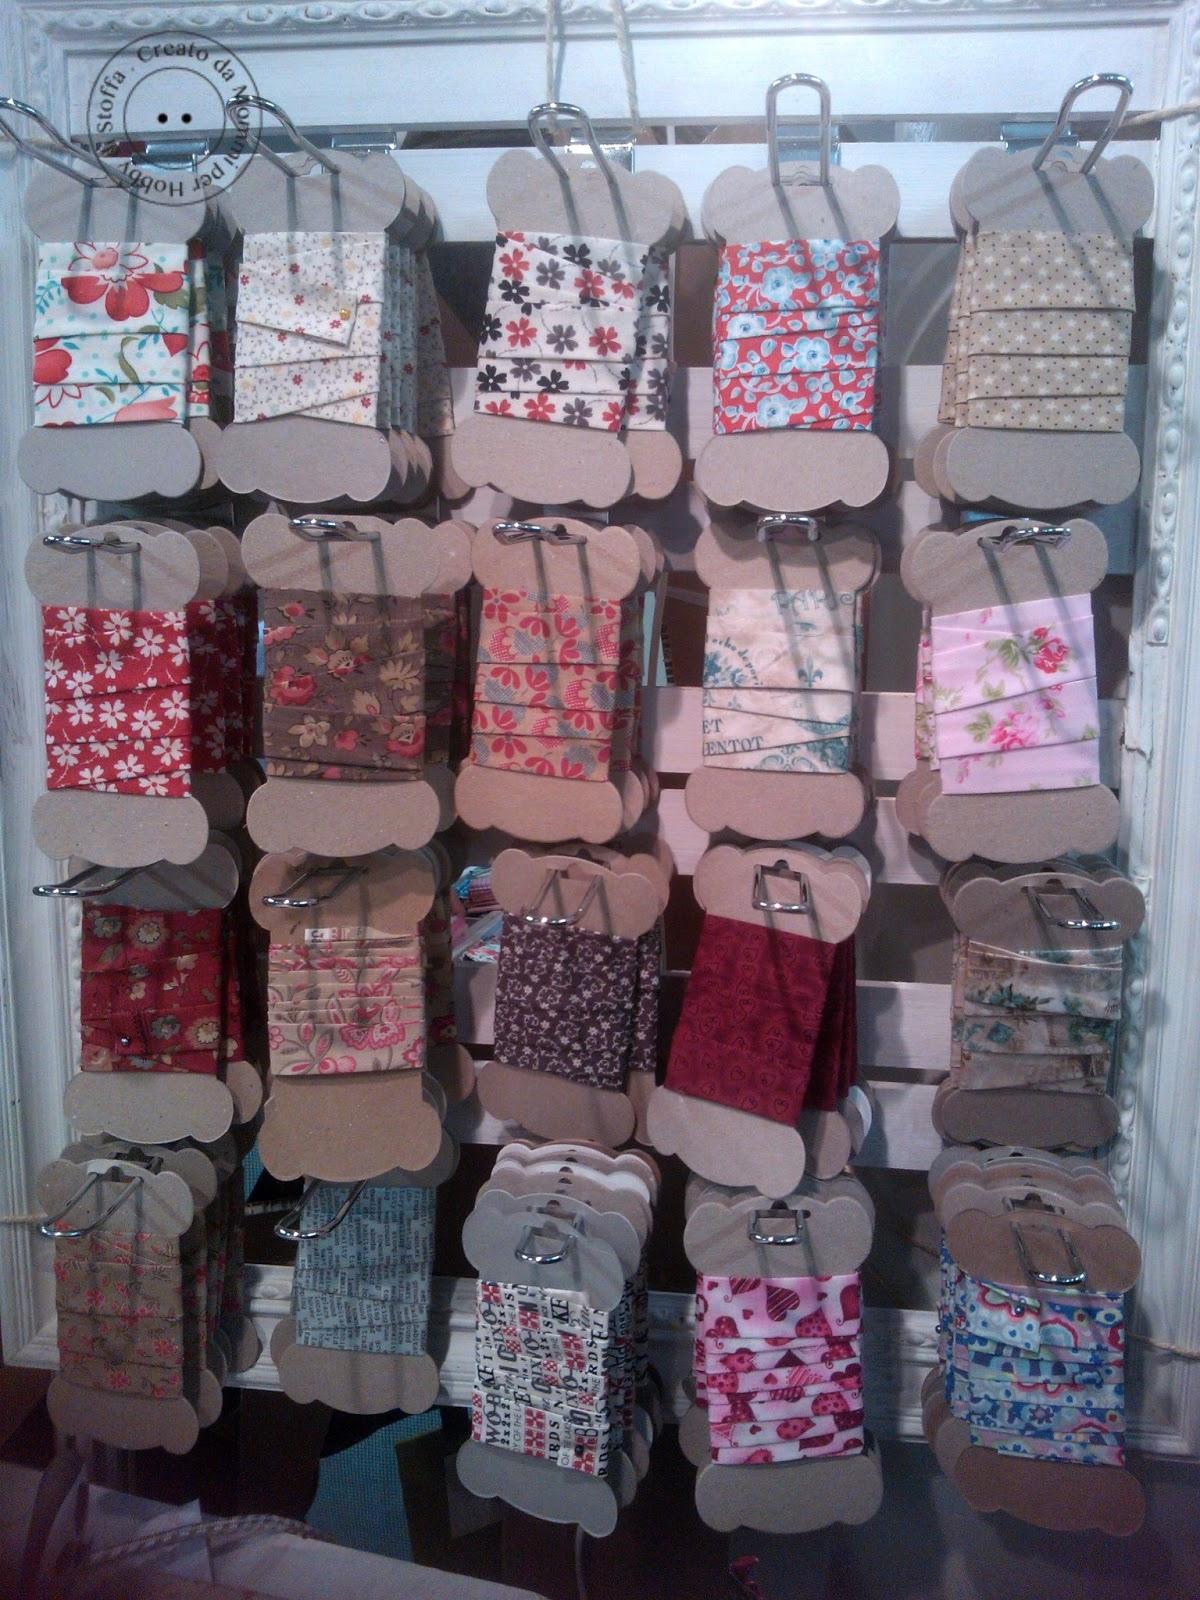 abbastanza Hobby di stoffa by Hdc: Braccialetti, che passione!! CN73